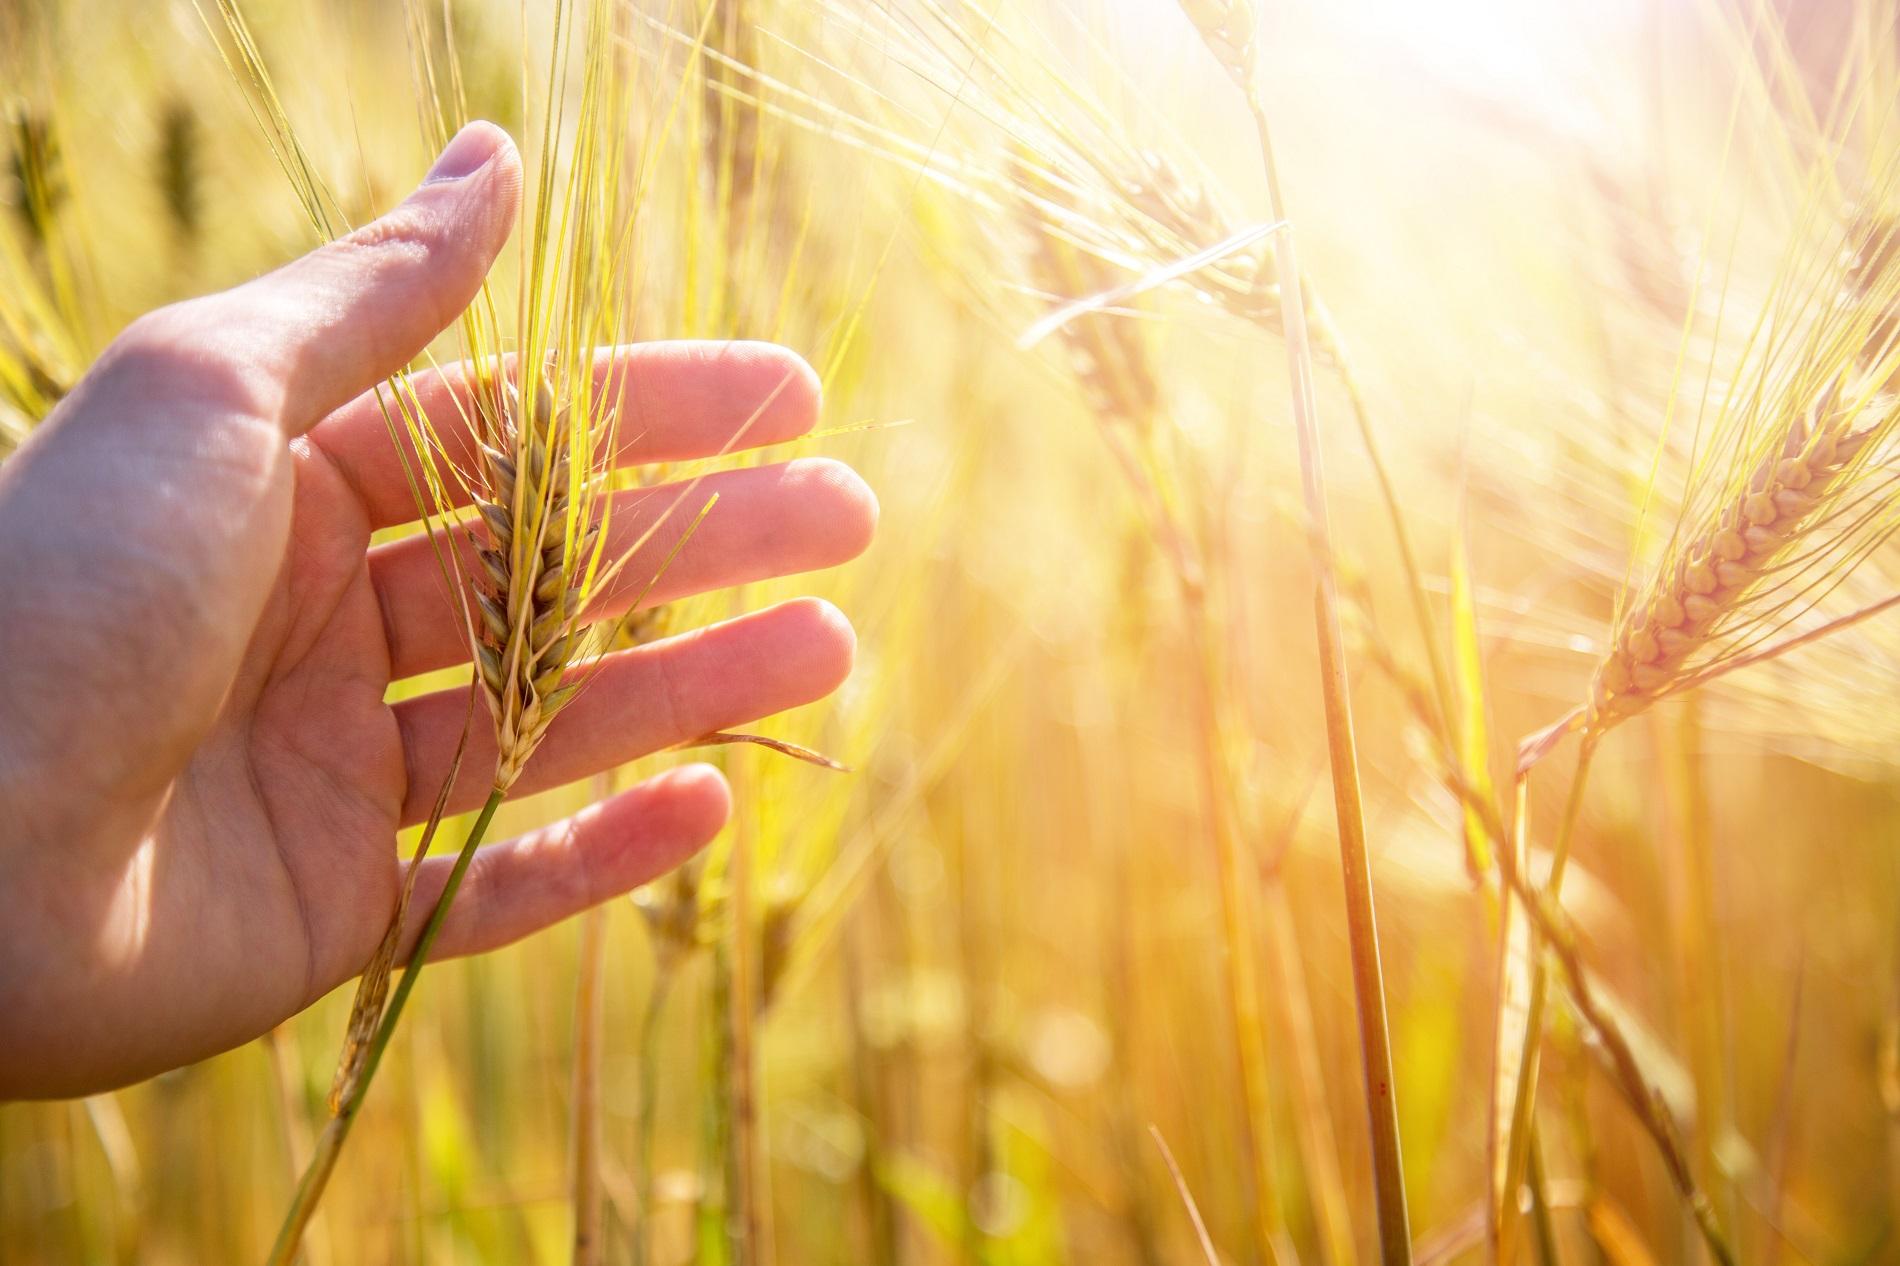 Tratamientos fitosanitarios: ¿Qué medidas son básicas para proteger tus cultivos?